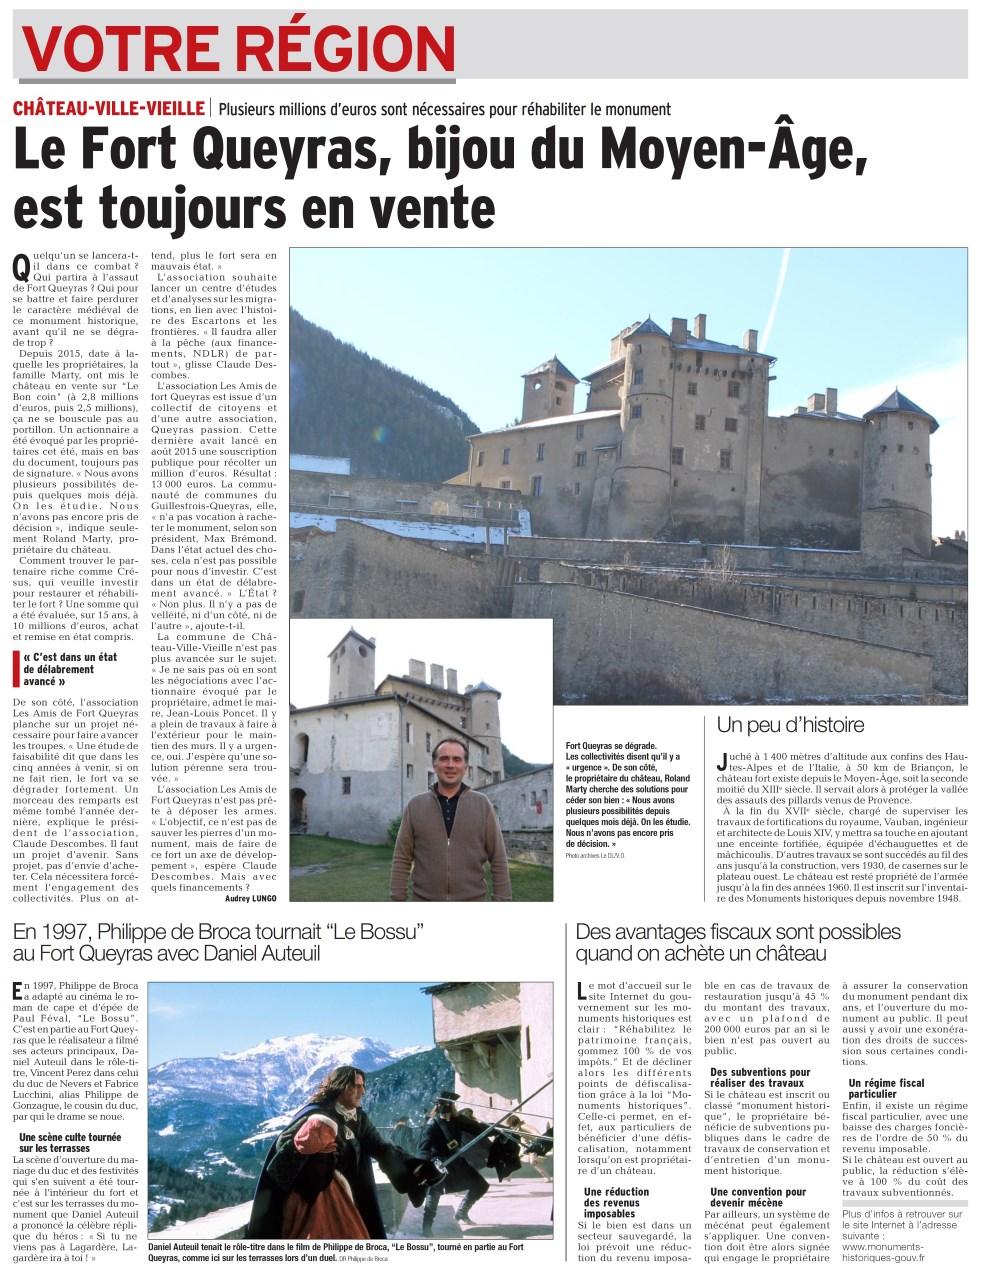 Article DL 30.11.2017 Fort Queyras toujours en vente annonce le AG Dauphiné Libéré